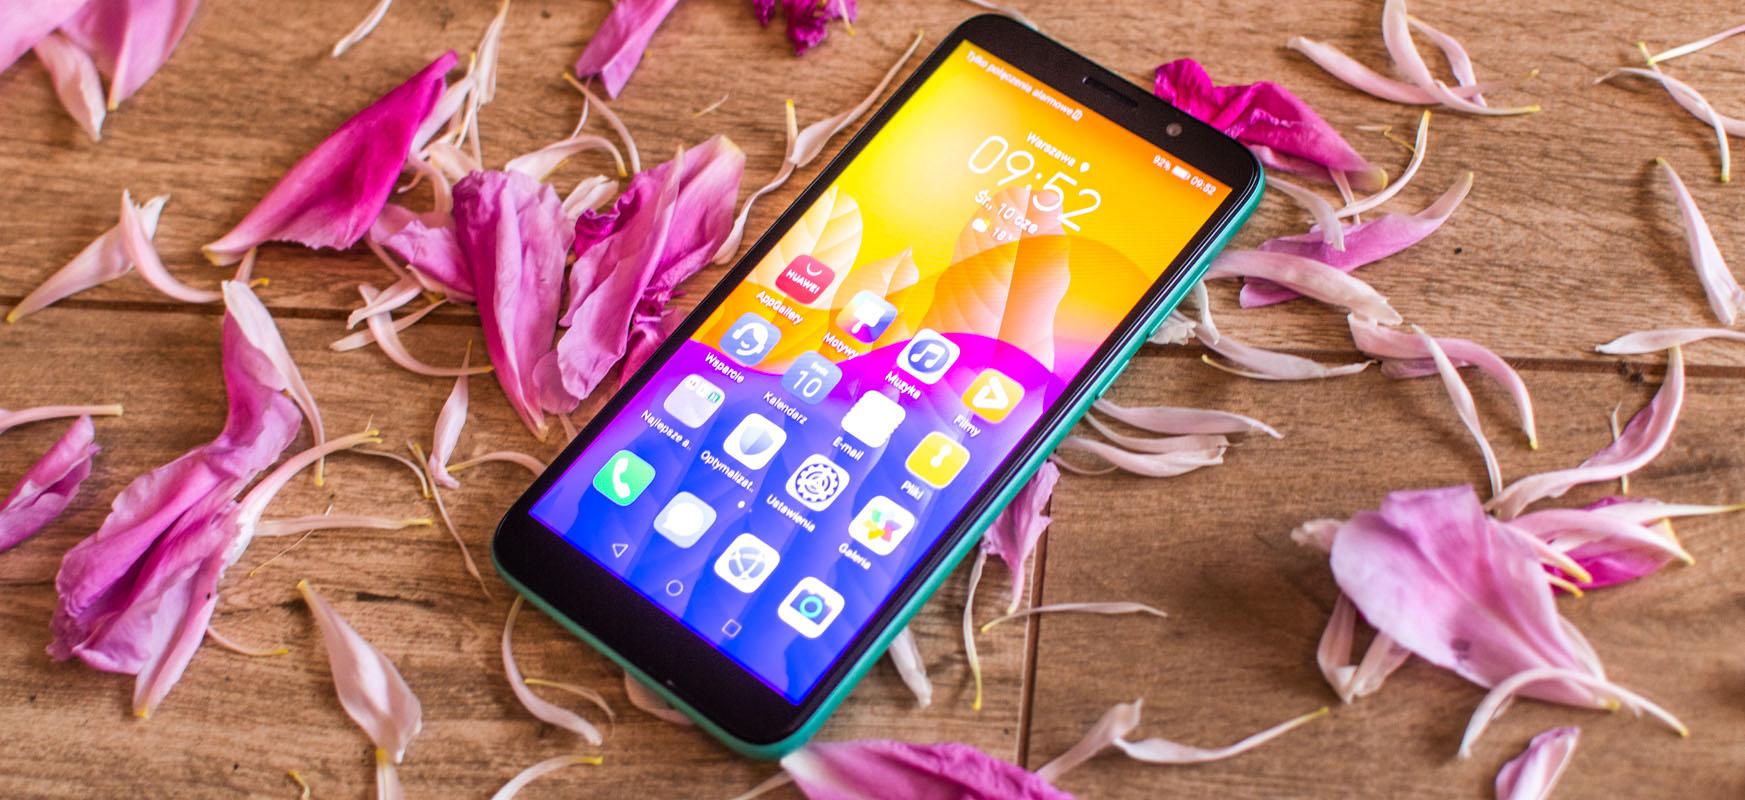 Google gabe, zure poltsikoan PLN 400 telefonoa.  Bihur daiteke posible dela.  Huawei Y5P - berrikuspena